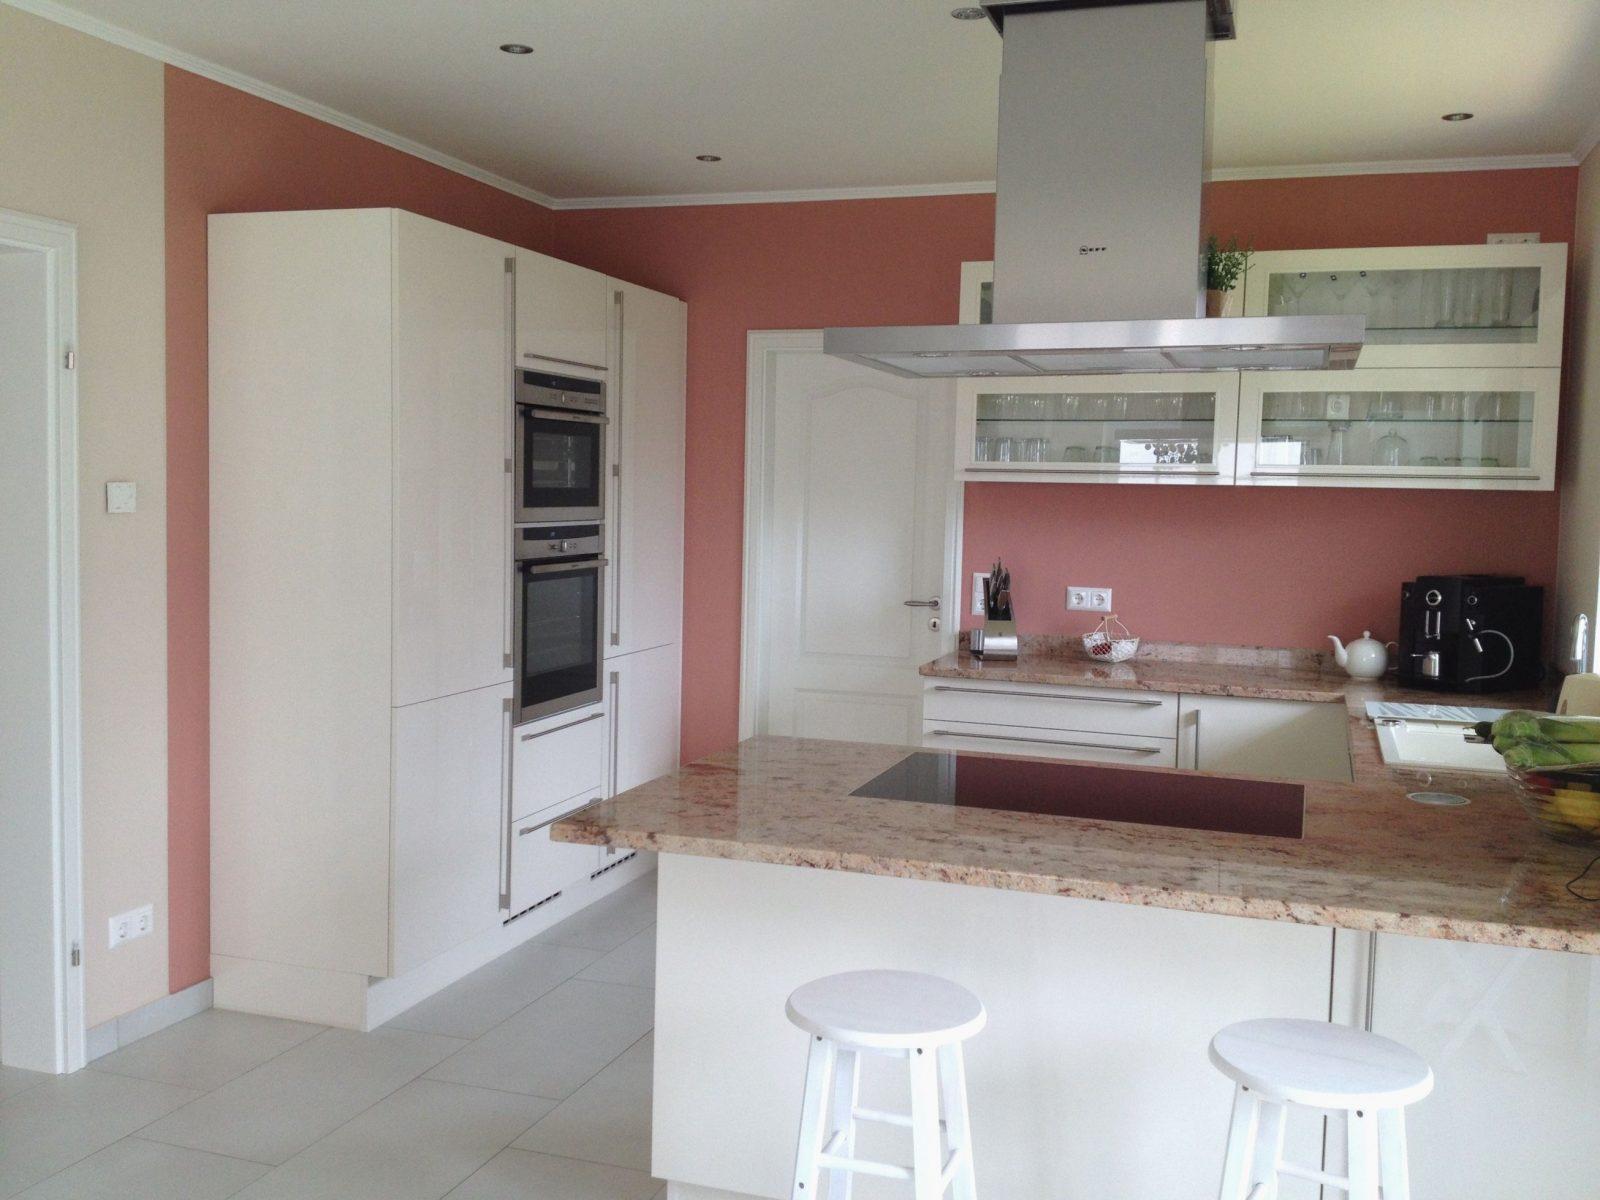 Abwaschbare Wandfarbe Küche Neu Abwaschbare Farbe Statt Fliesen von Abwaschbare Farbe Für Küche Bild